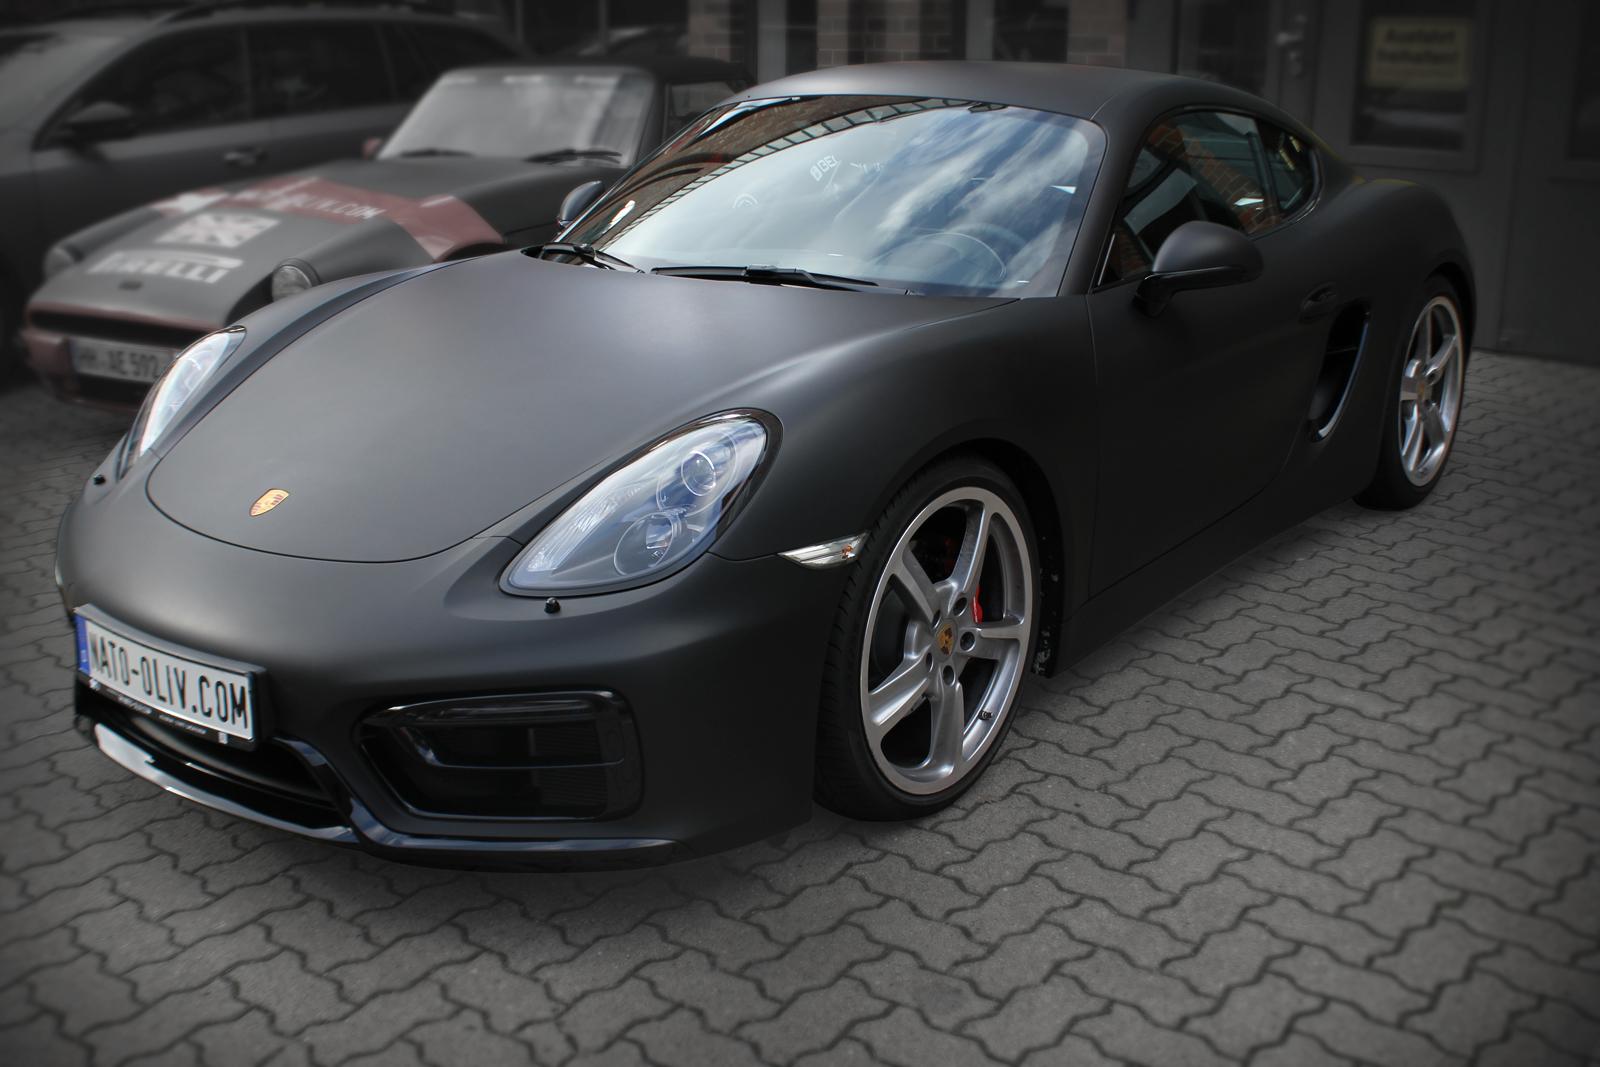 Car Wrapping bei einem Porsche Cayman in schwarz matt